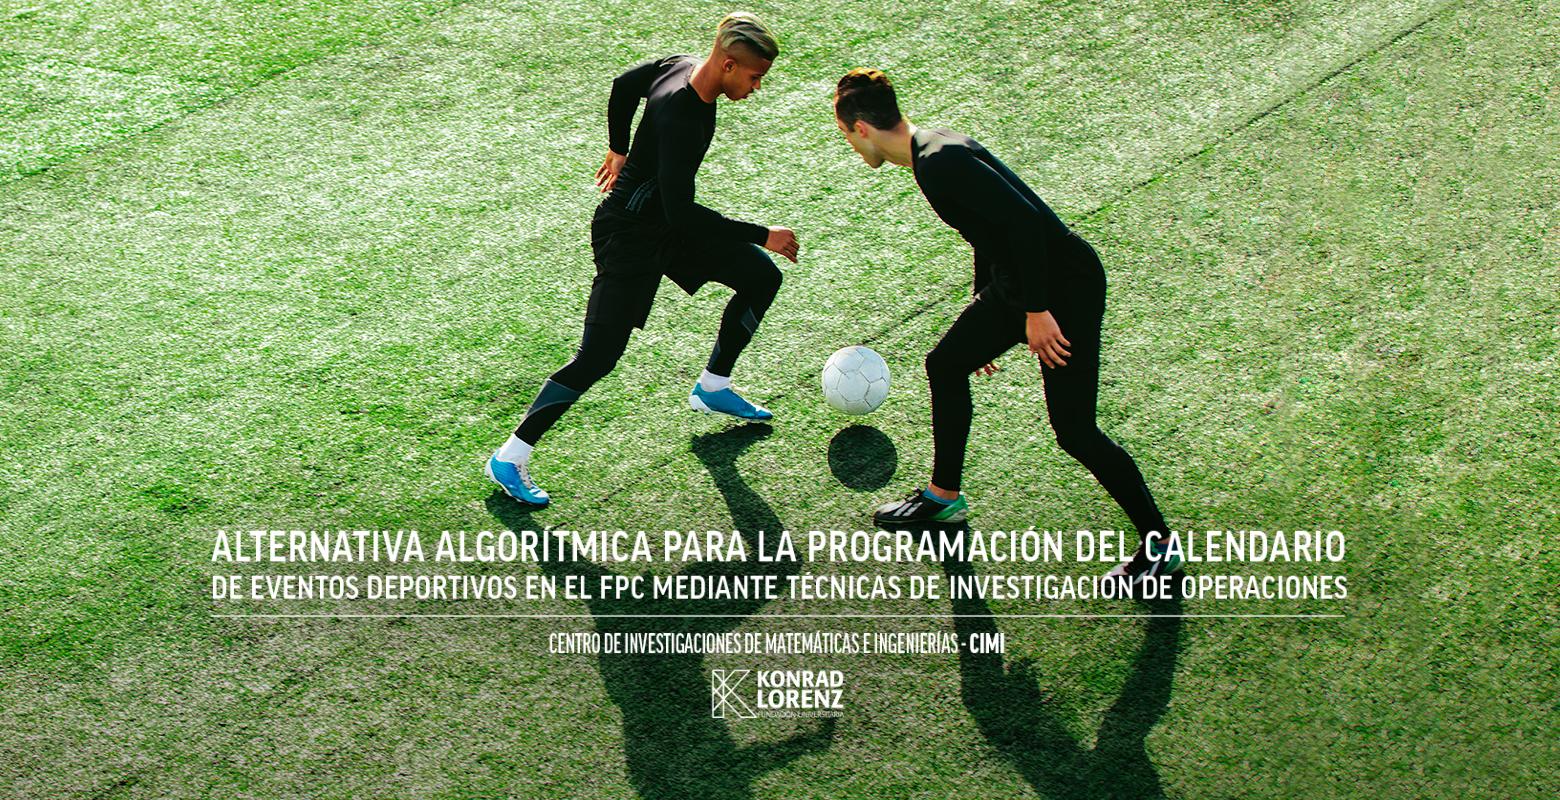 Alternativa algorítmica para la programación del calendario de eventos deportivos en el FPC mediante técnicas de investigación de operaciones